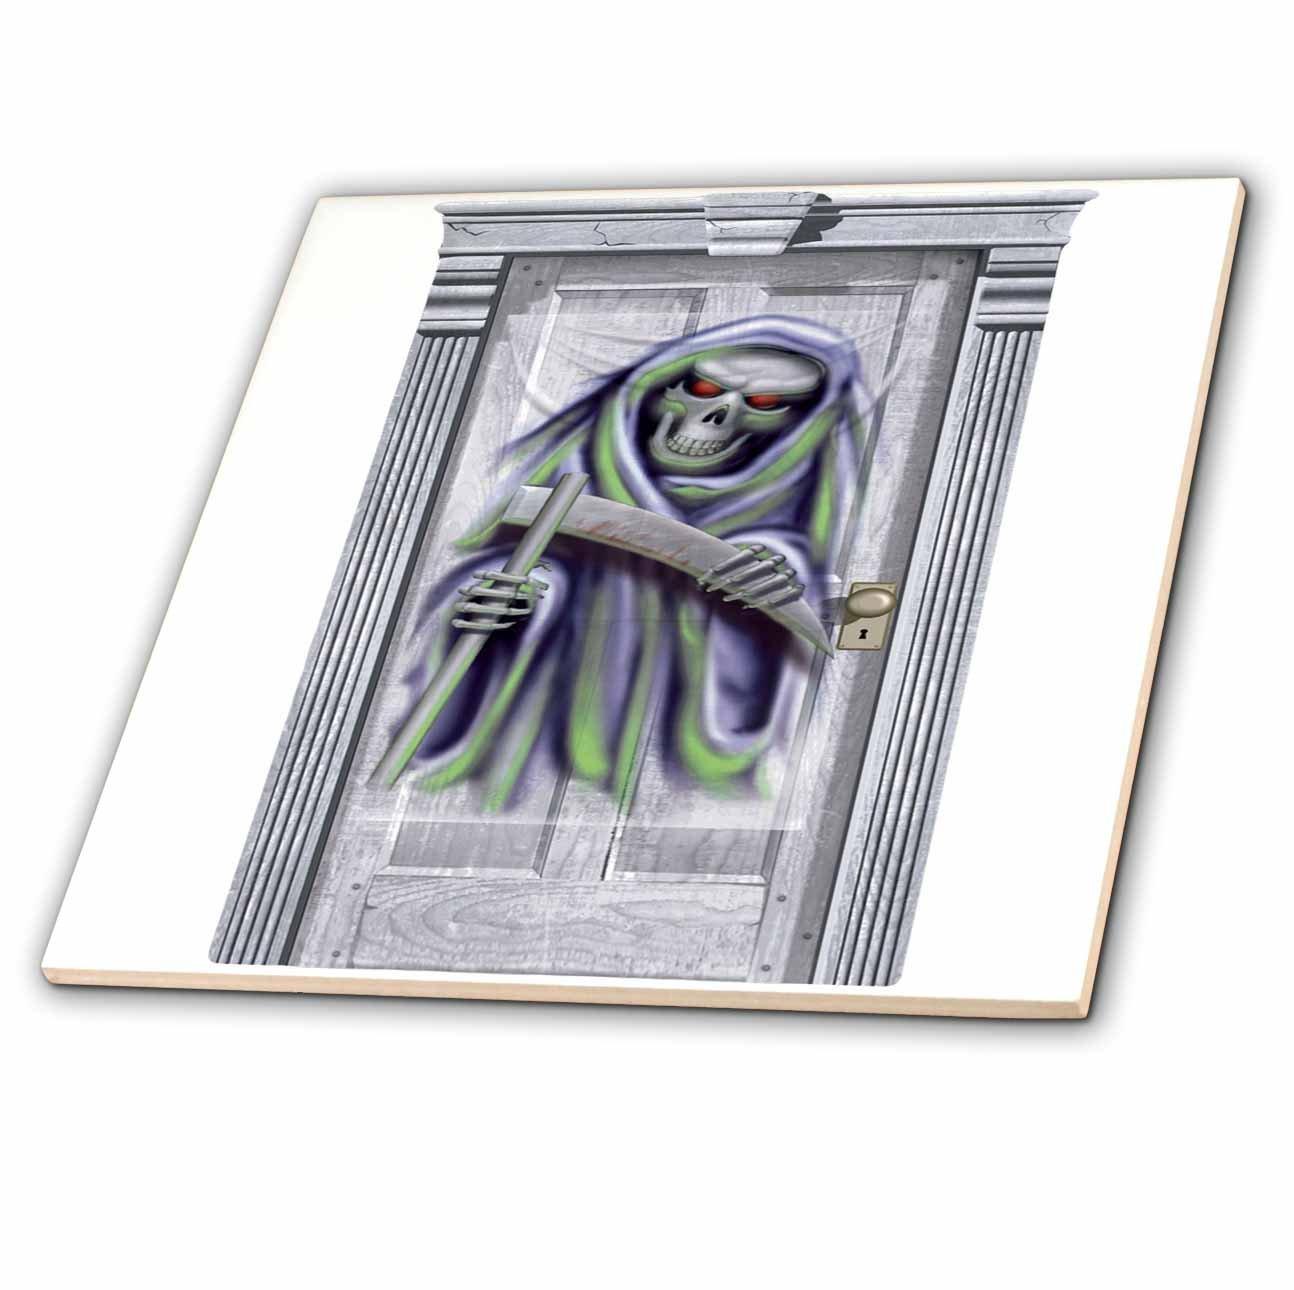 3dRose ct_131227_2 Halloween Grim Reaper Door-Ceramic Tile, 6-Inch